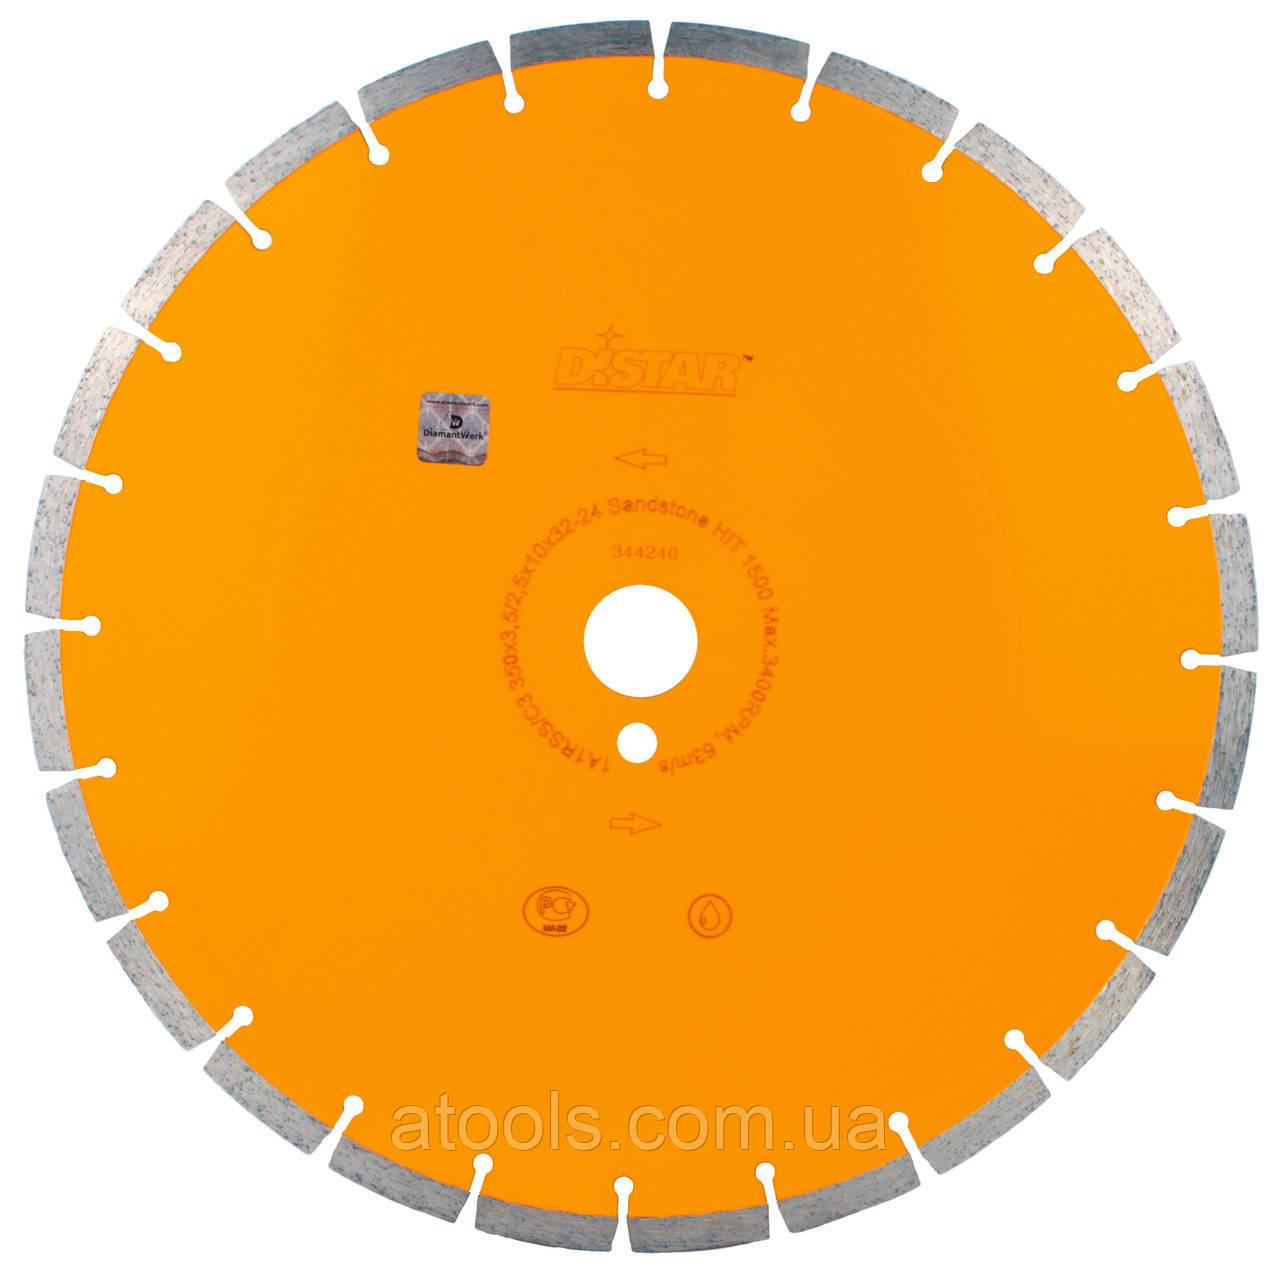 Алмазный отрезной диск Distar 1A1RSS/C3 350x3.5/2.5x10x32-24 Sandstone HIT 1500 (14327139024)